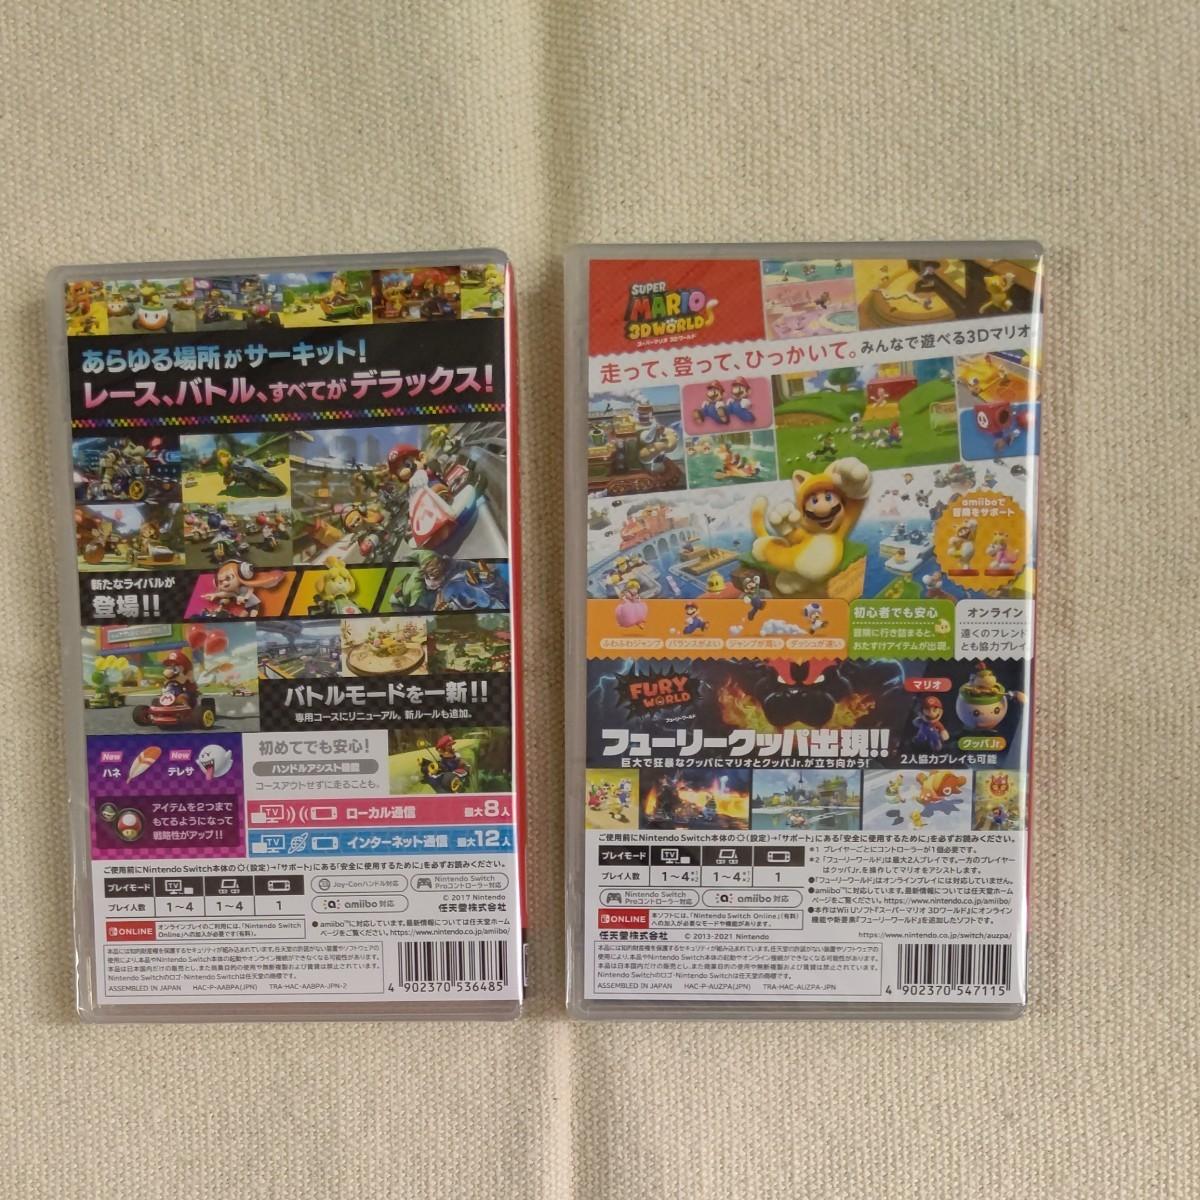 マリオカート8デラックス&スーパーマリオ 3Dワールド + フューリーワールド